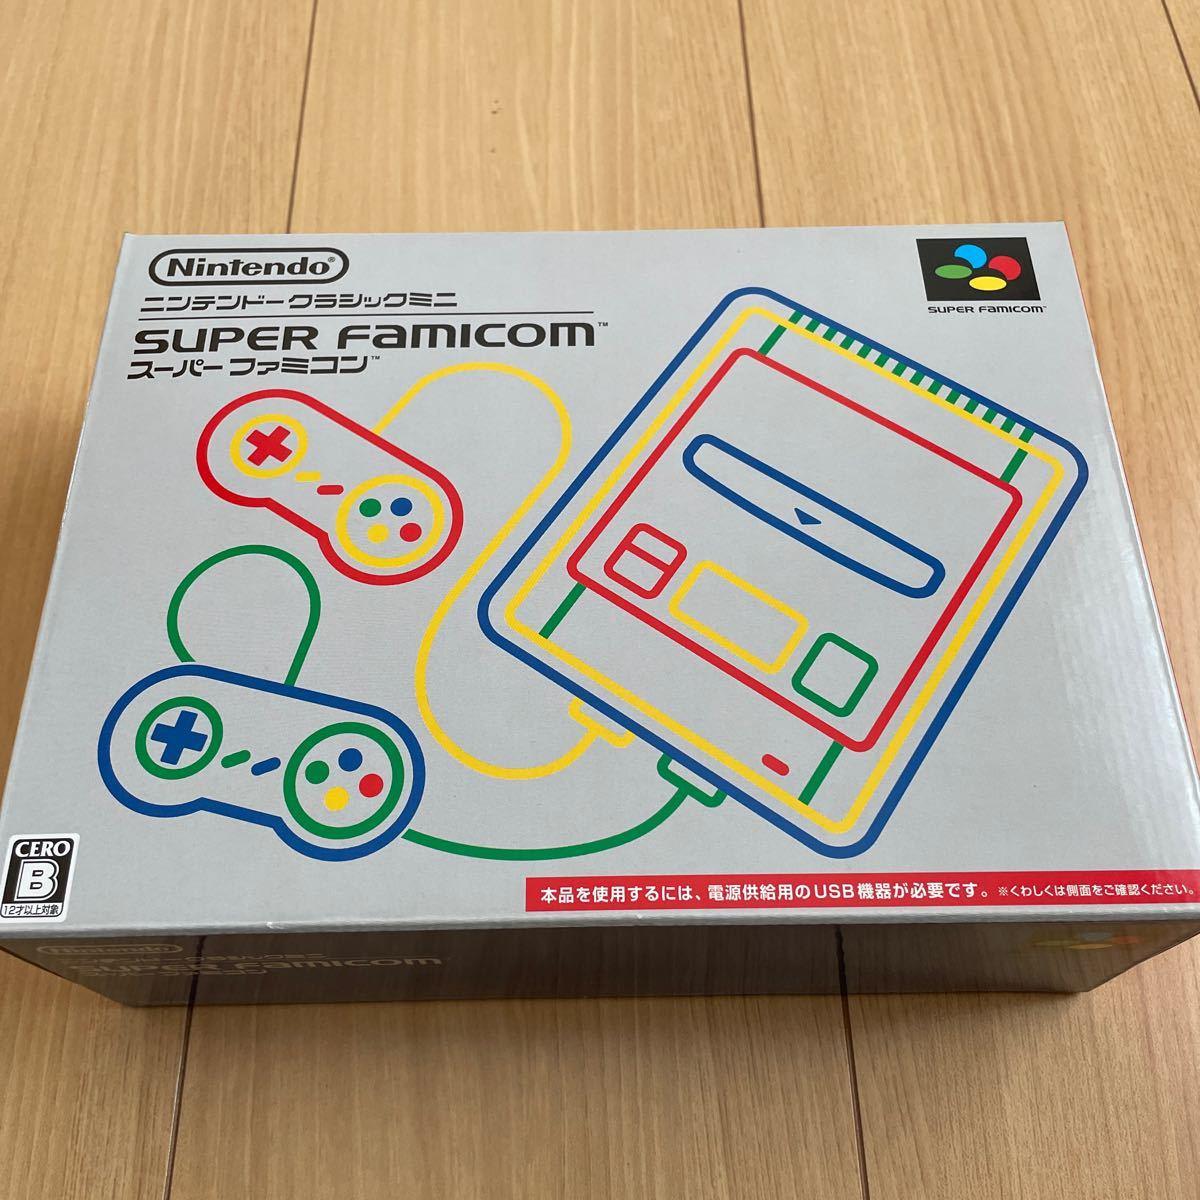 新品未開封 ニンテンドークラシックミニ スーパーファミコン